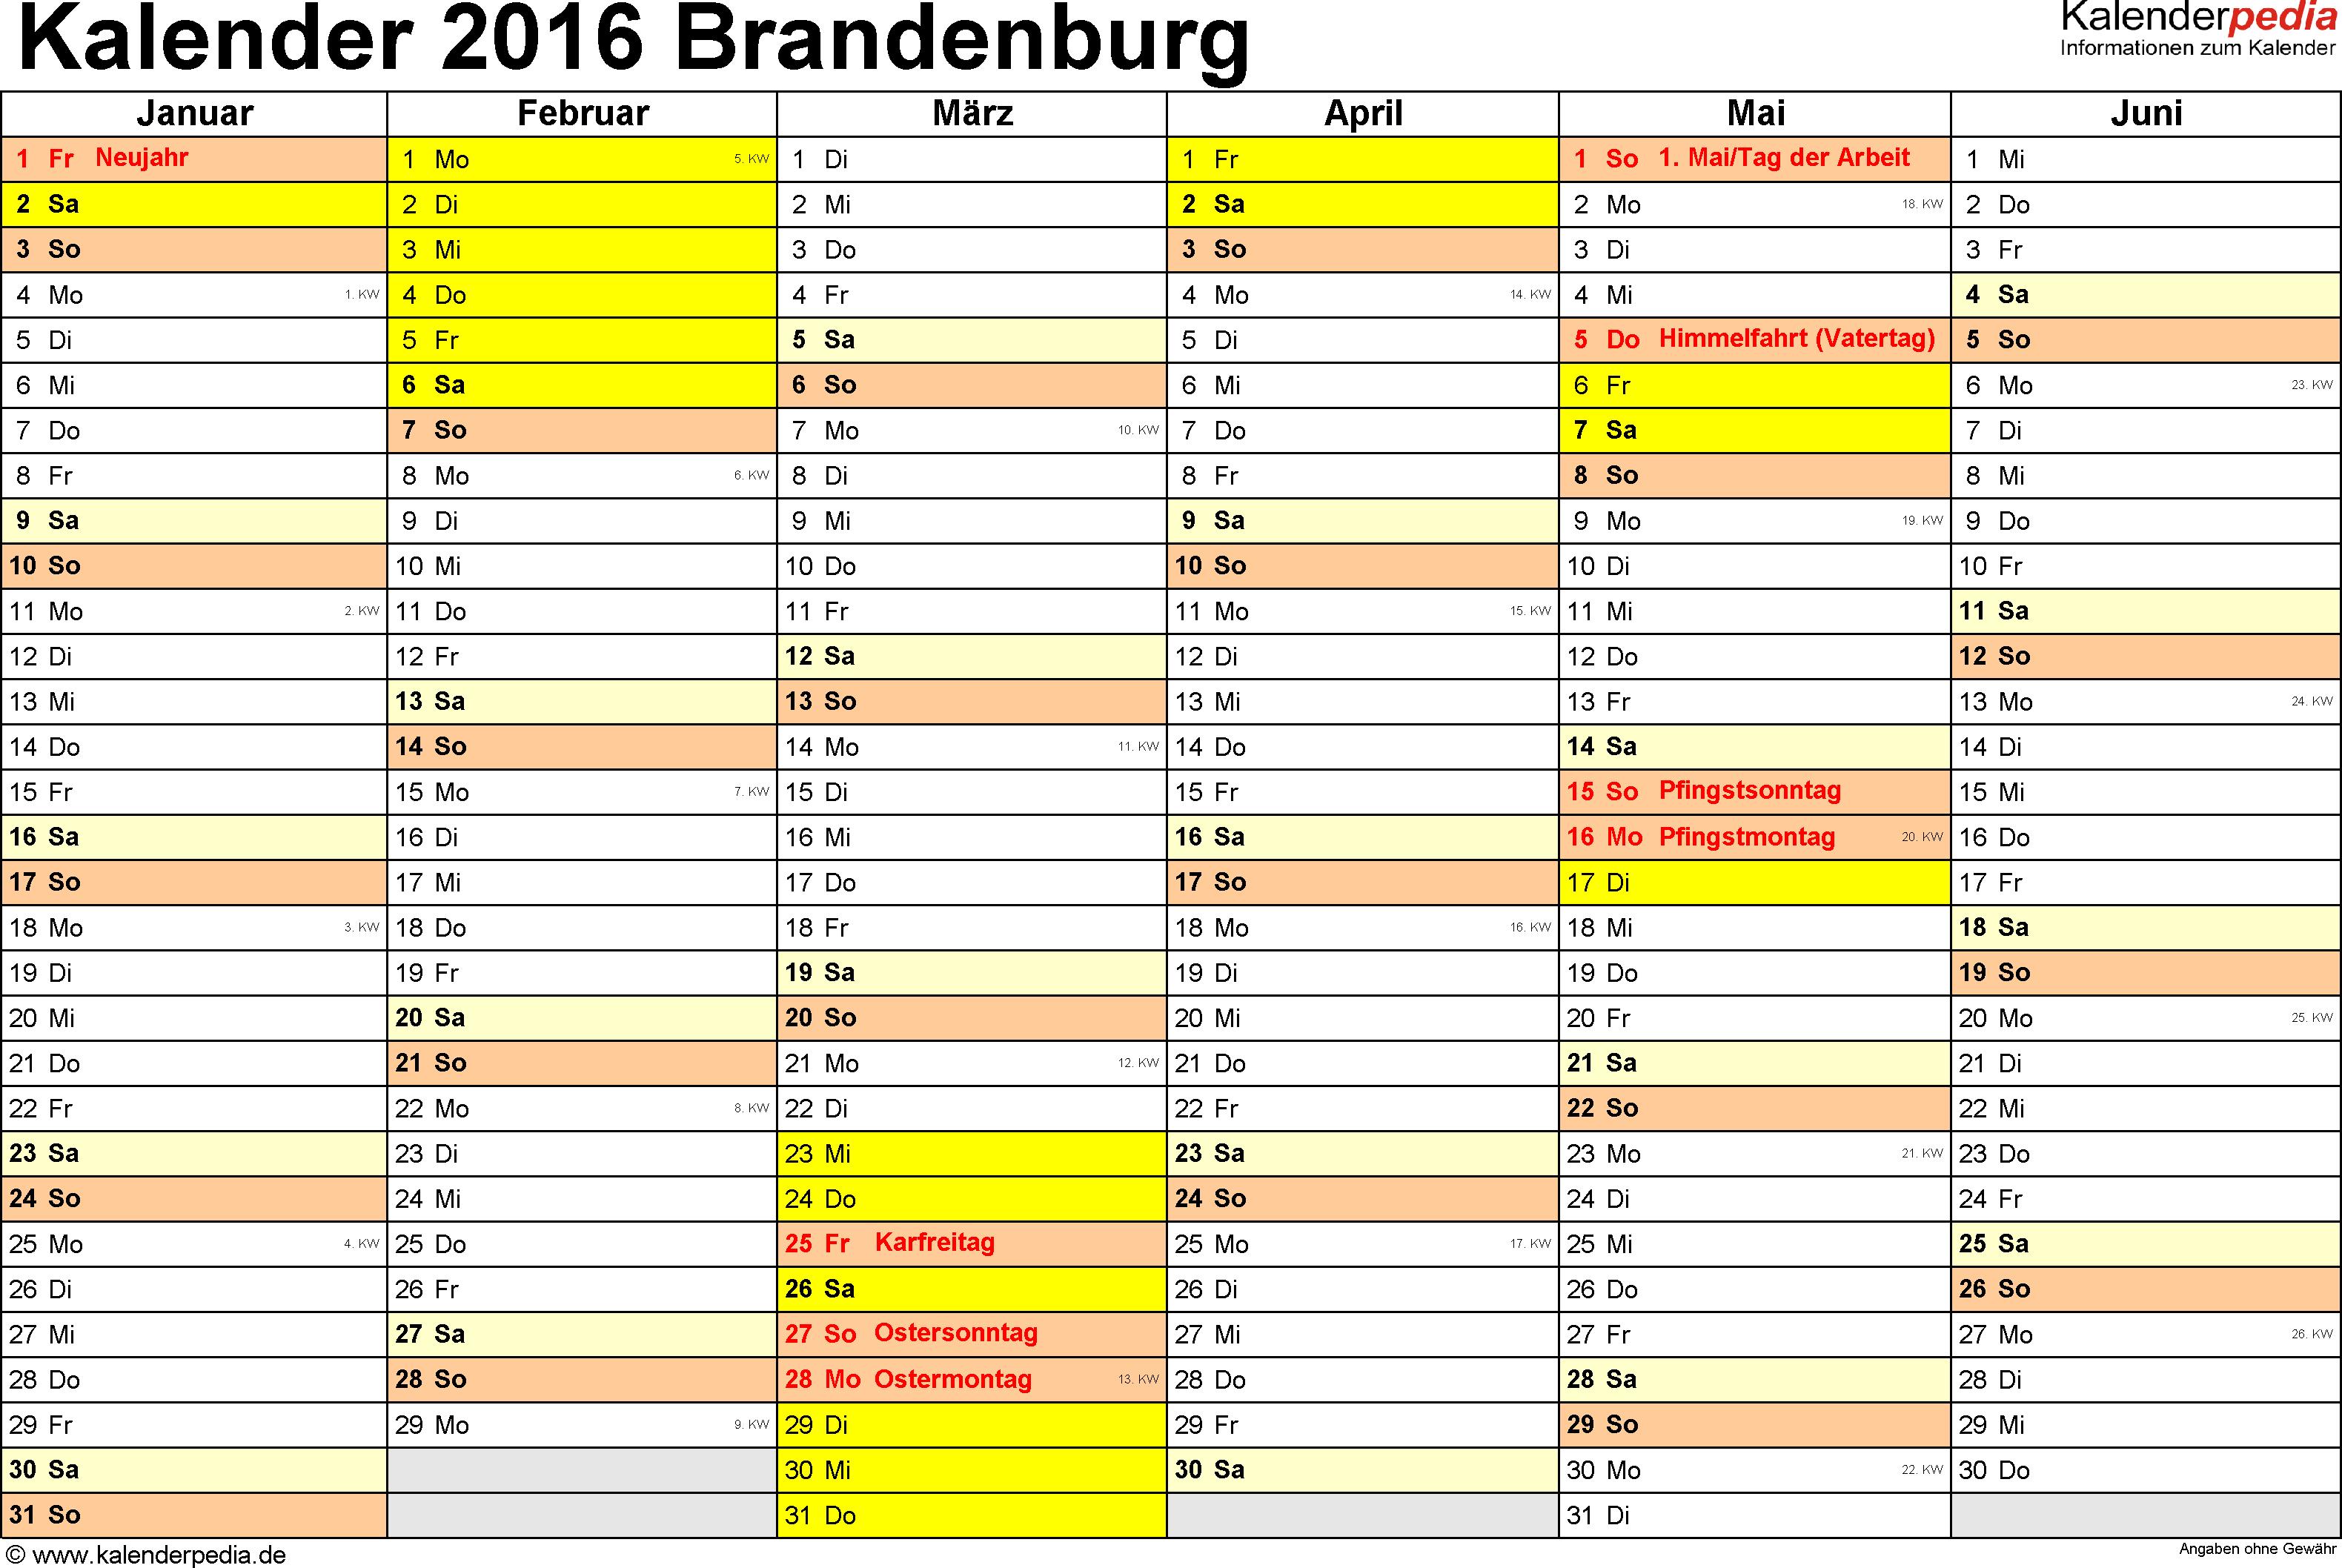 Vorlage 2: Kalender 2016 für Brandenburg als Word-Vorlage (Querformat, 2 Seiten)